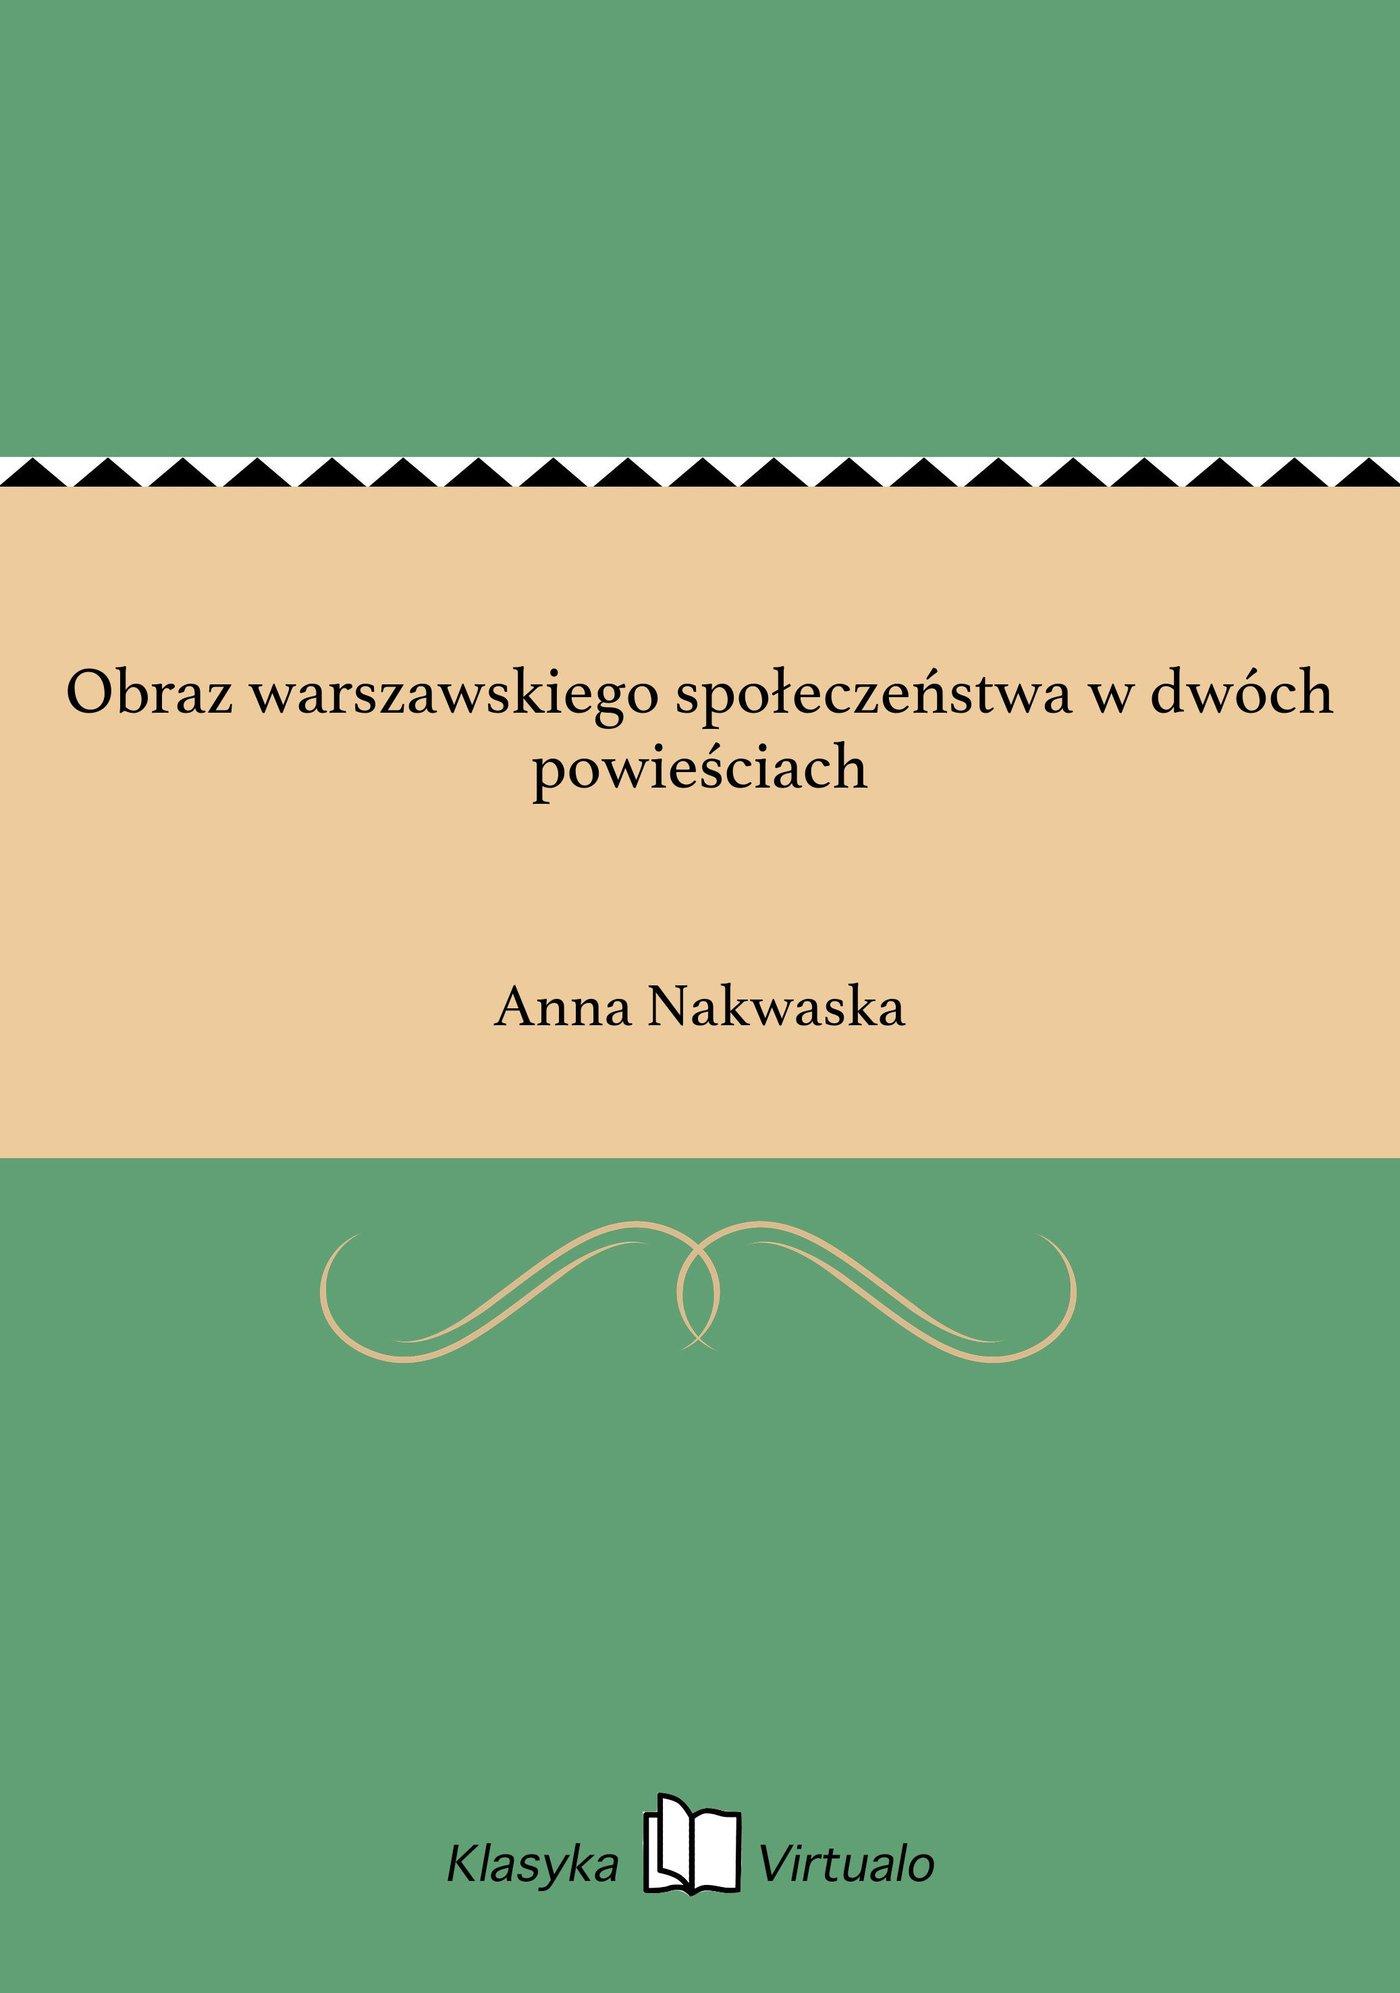 Obraz warszawskiego społeczeństwa w dwóch powieściach - Ebook (Książka na Kindle) do pobrania w formacie MOBI